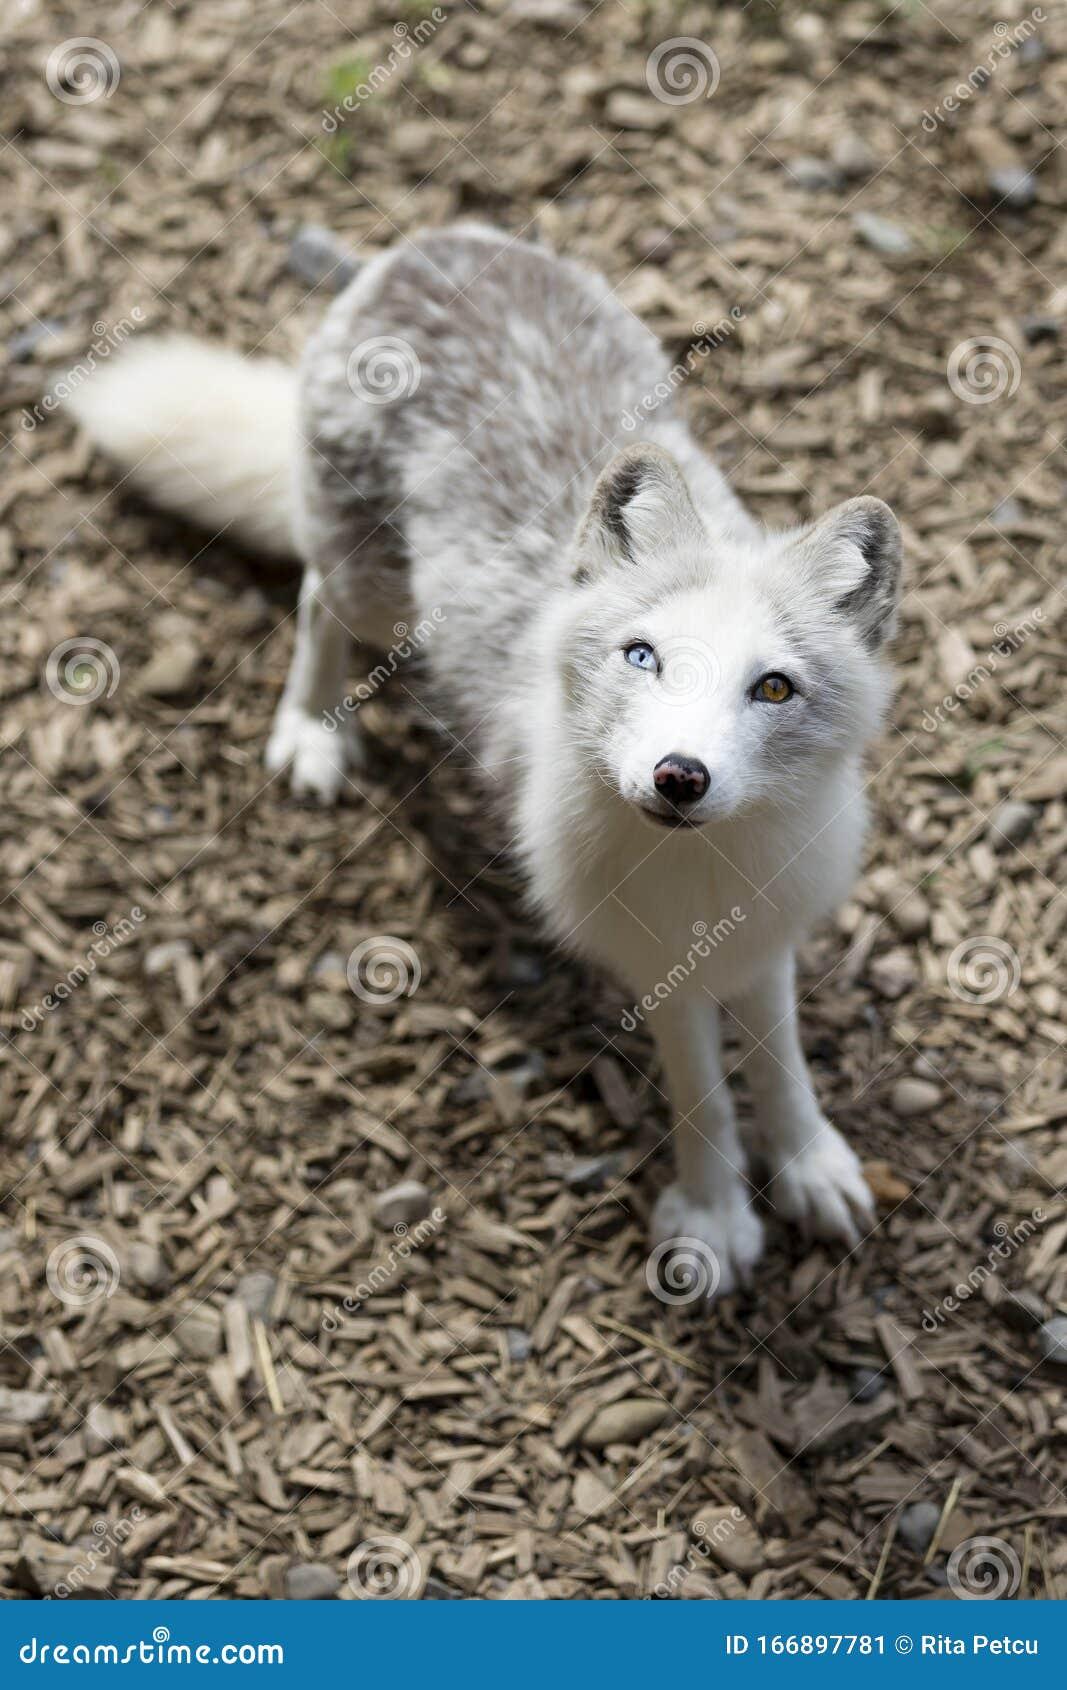 Arctic Fox Eye Color